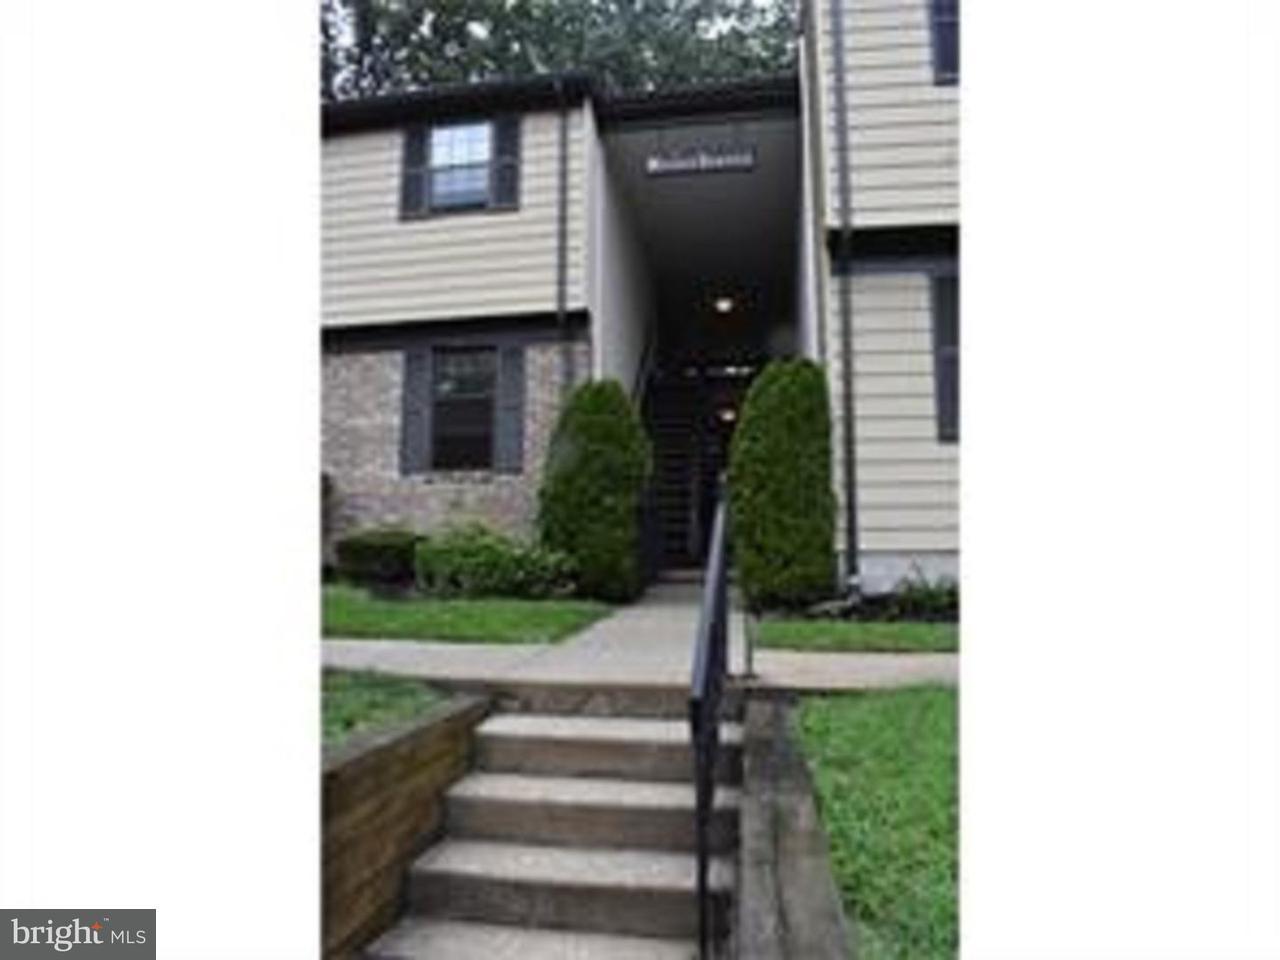 Casa unifamiliar adosada (Townhouse) por un Alquiler en 3 MATTHEW THORNTON BLDG Turnersville, Nueva Jersey 08012 Estados Unidos